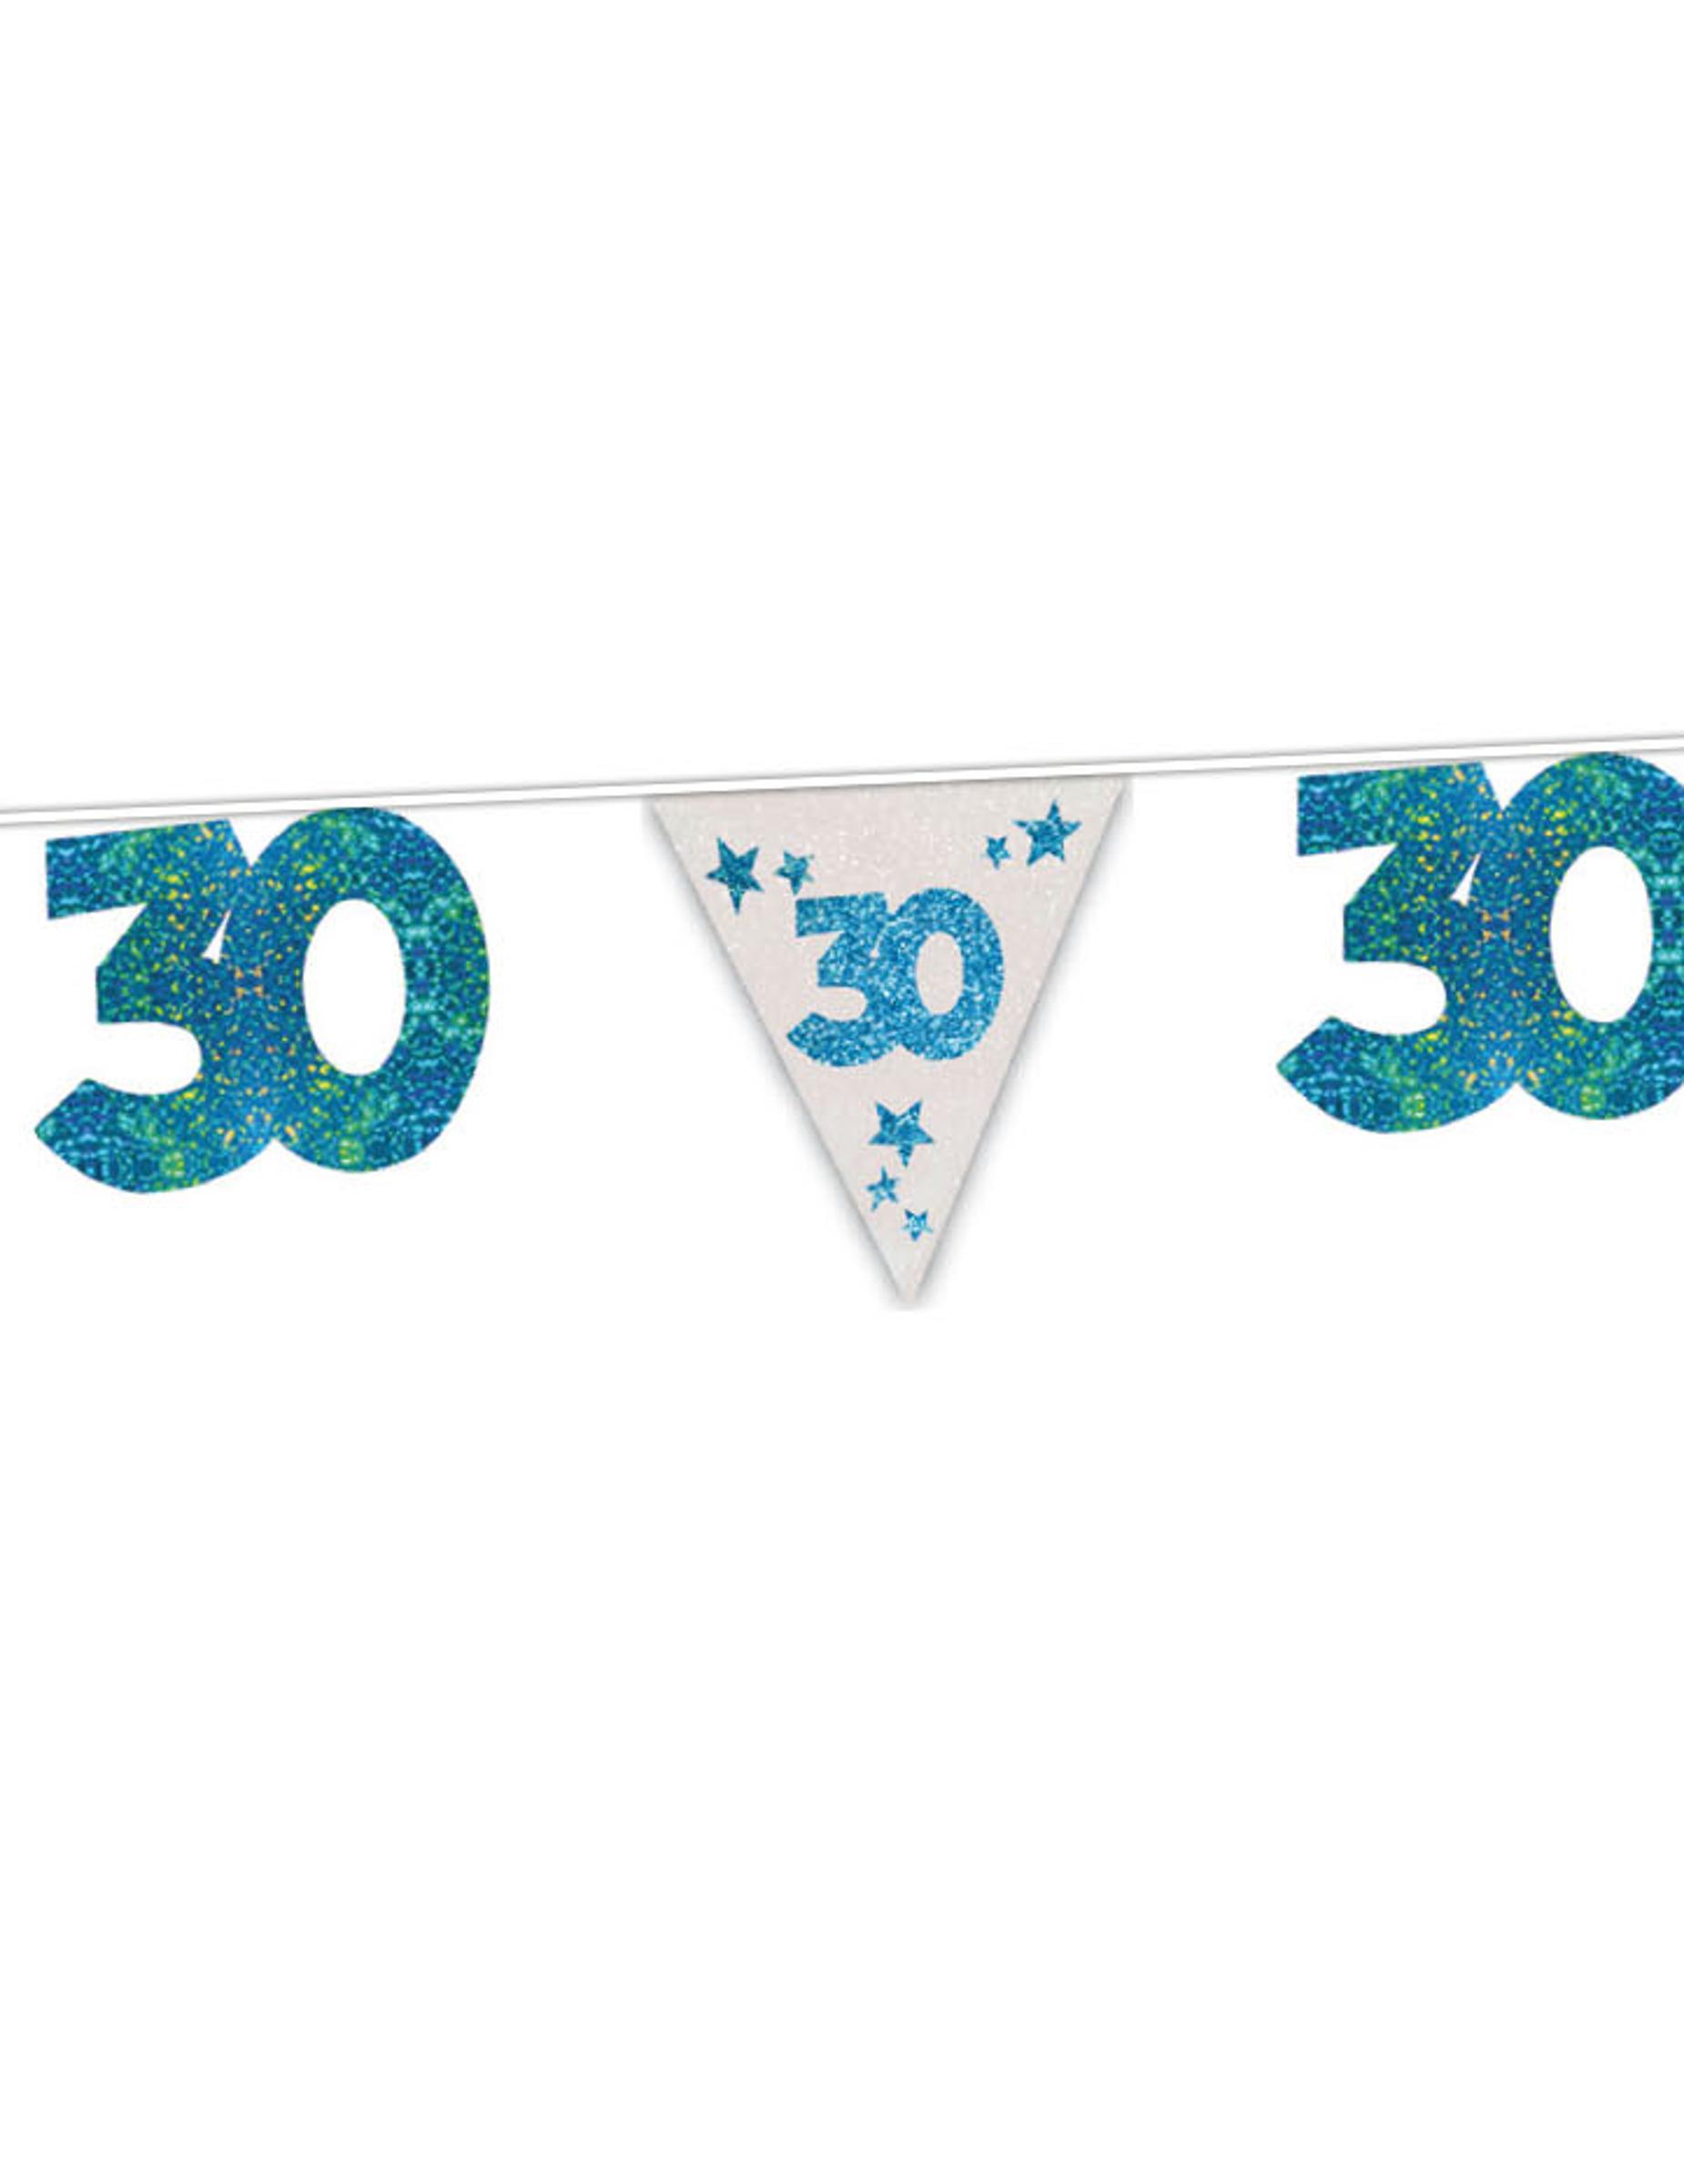 30 geburtstag girlande party deko blau 6m g nstige faschings partydeko zubeh r bei karneval. Black Bedroom Furniture Sets. Home Design Ideas